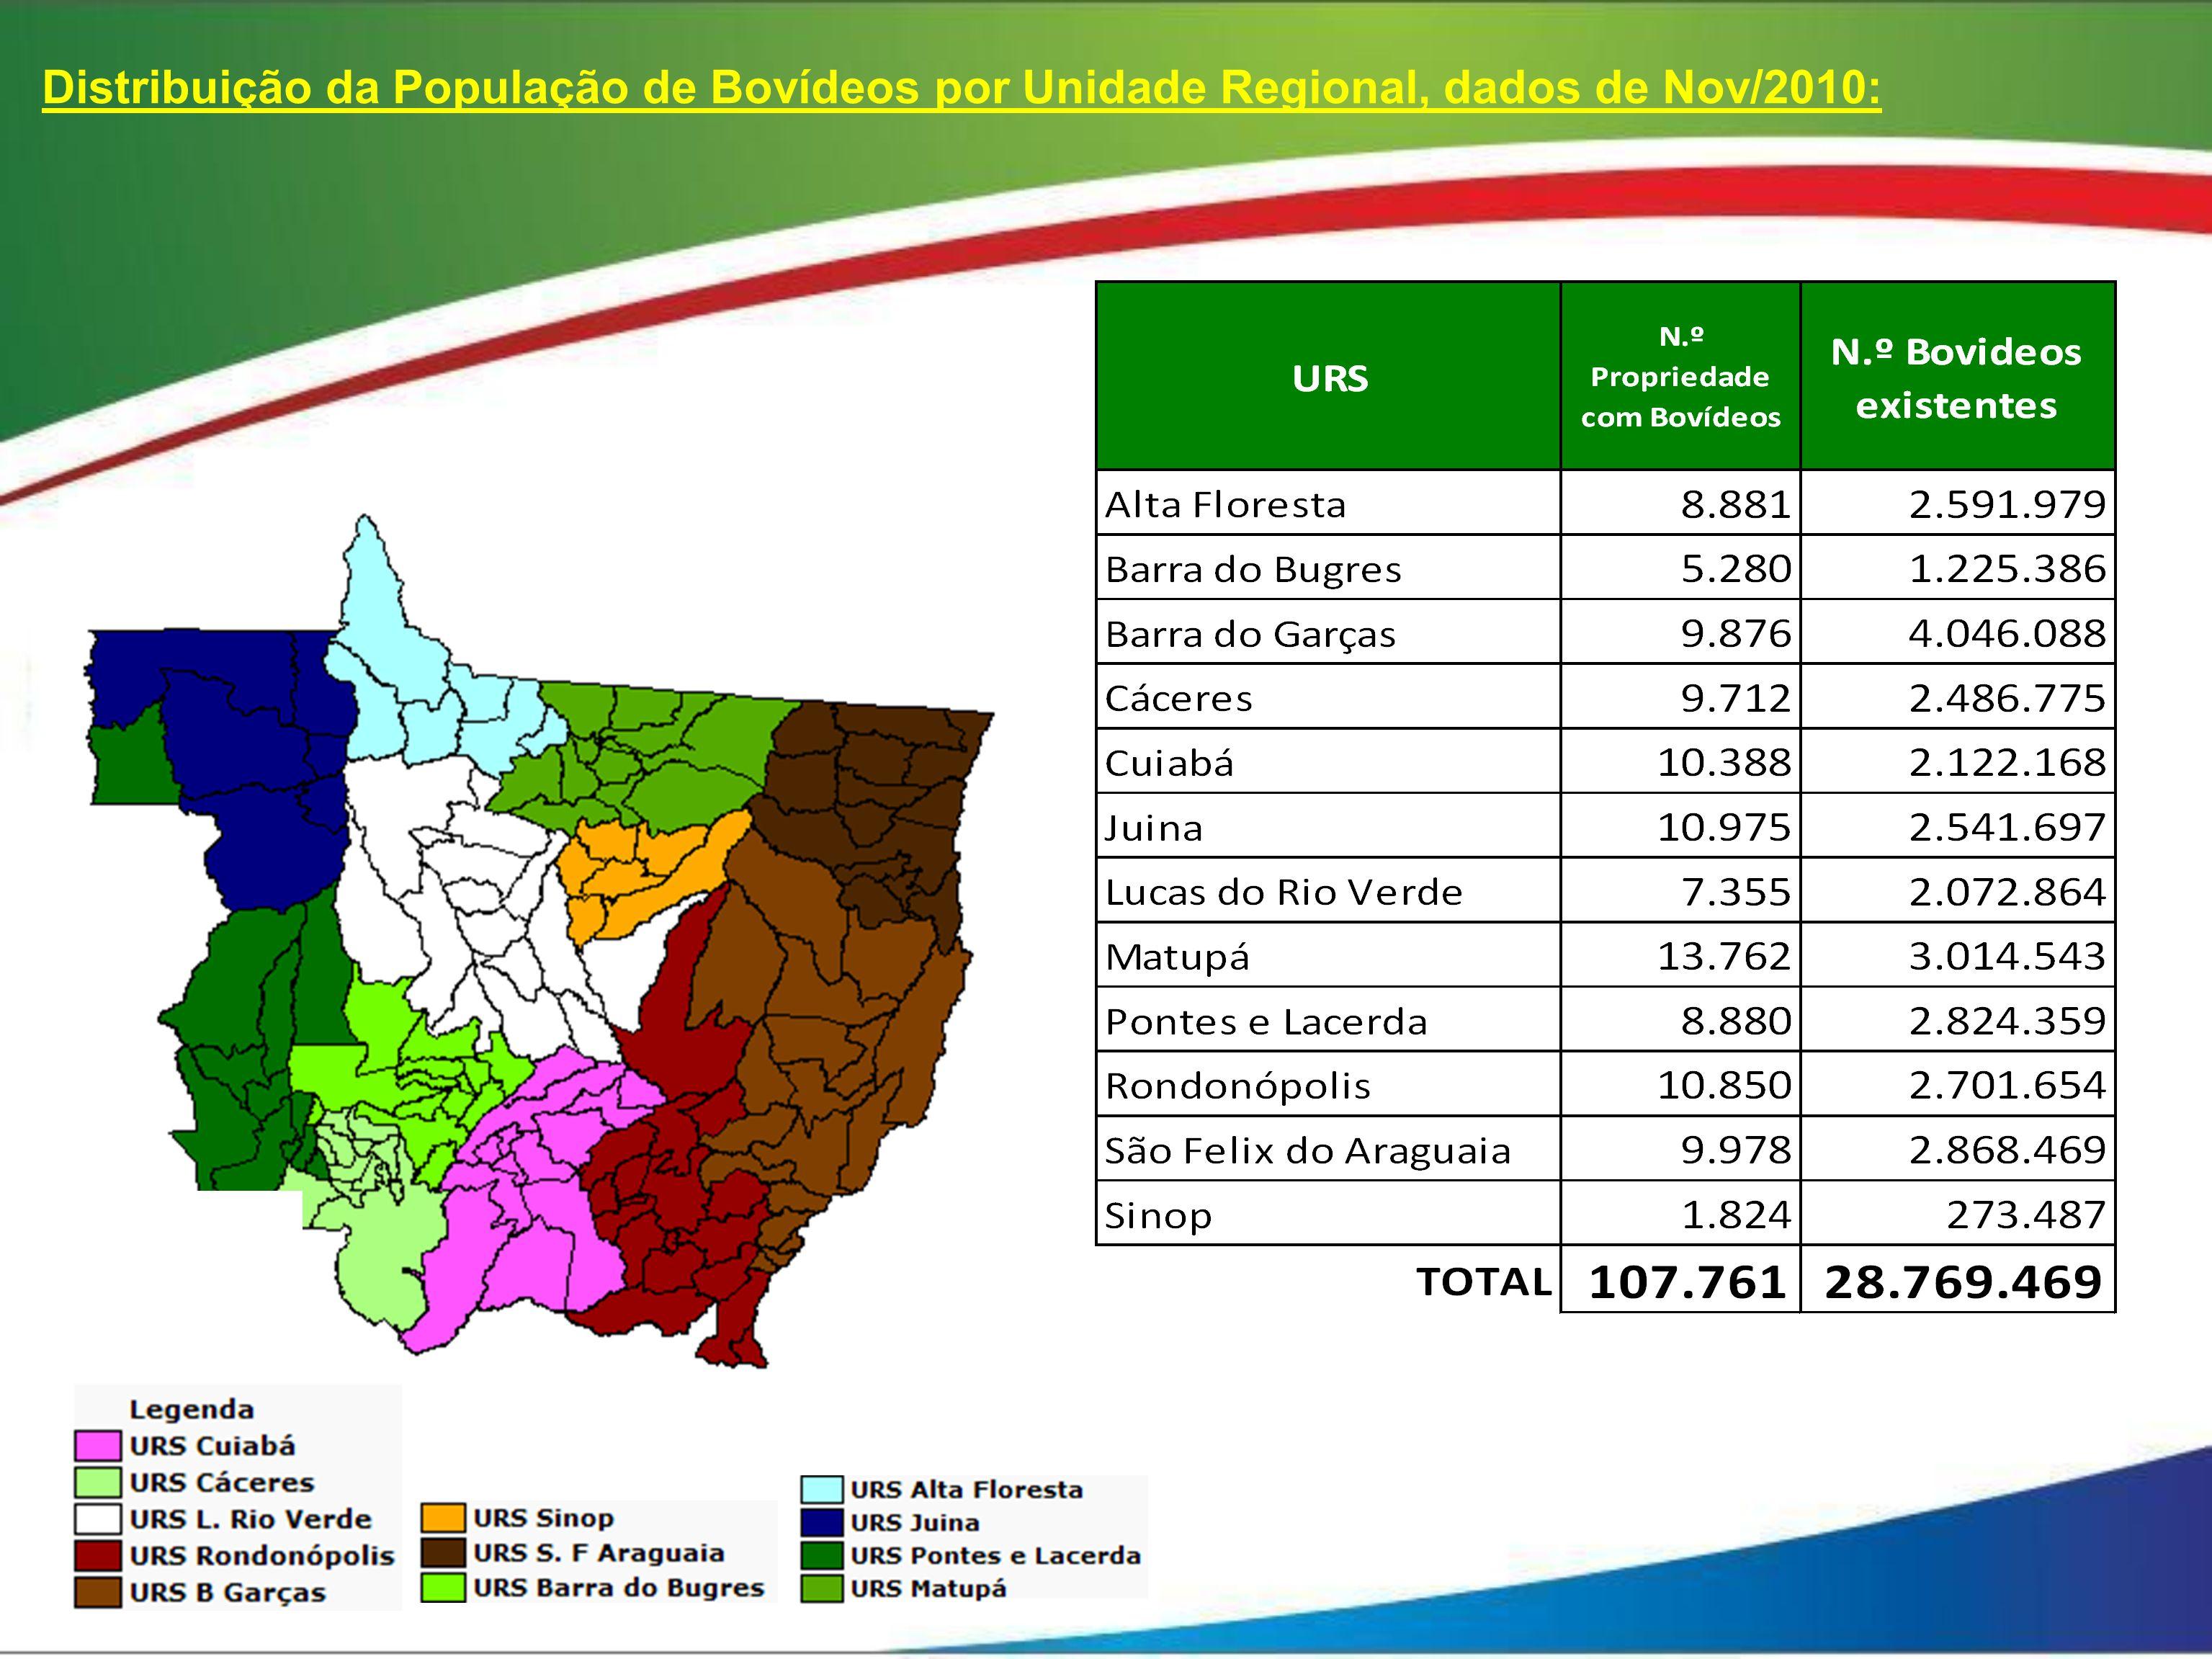 Distribuição da População de Bovídeos por Unidade Regional, dados de Nov/2010: